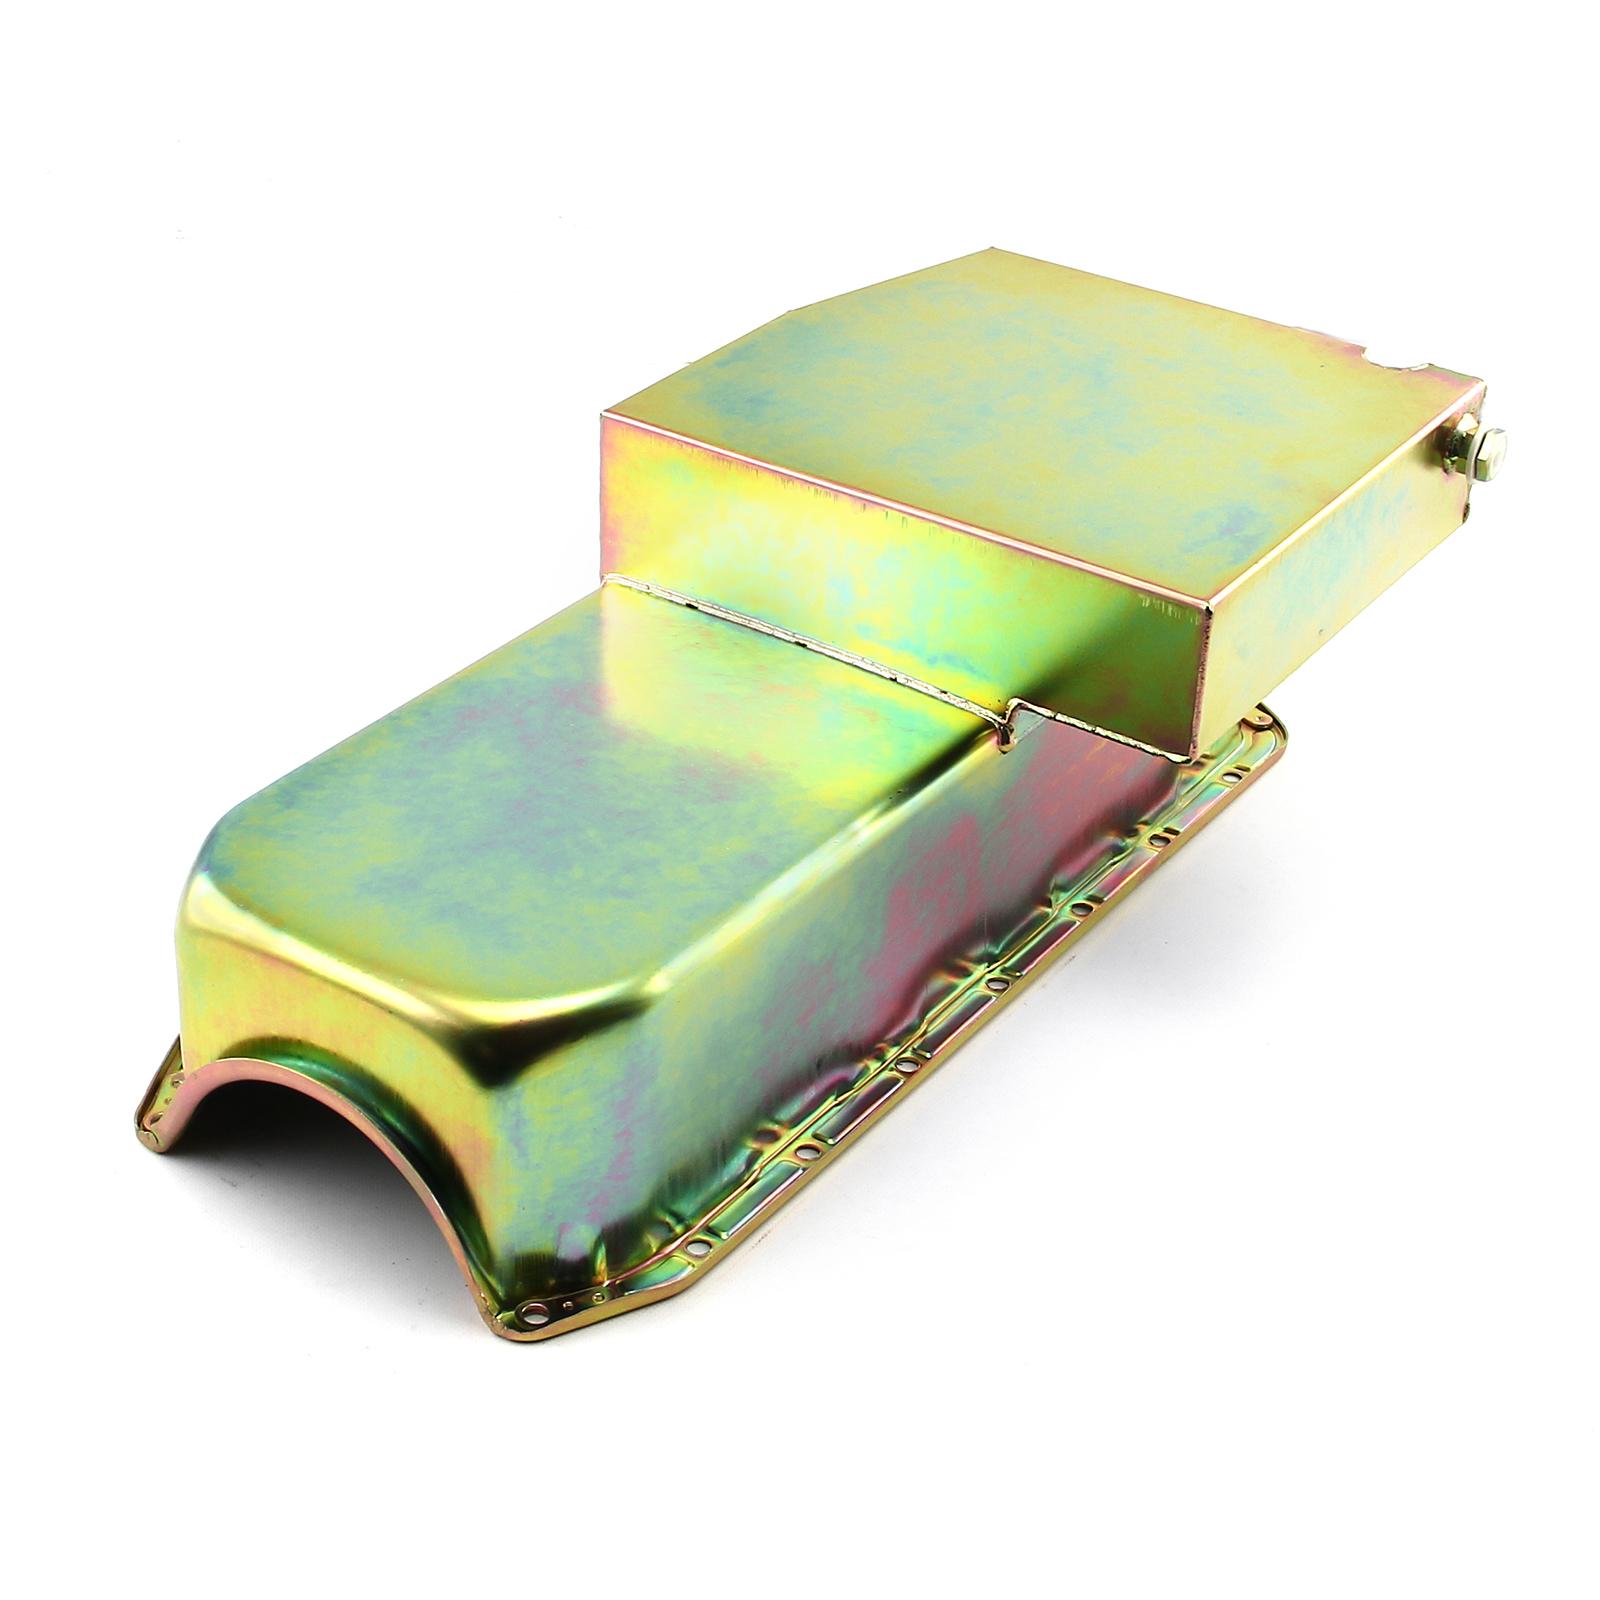 Chevy SBC 350 7Qt Circle Track LH Side 2Pcs Rms Zinc Oil Pan